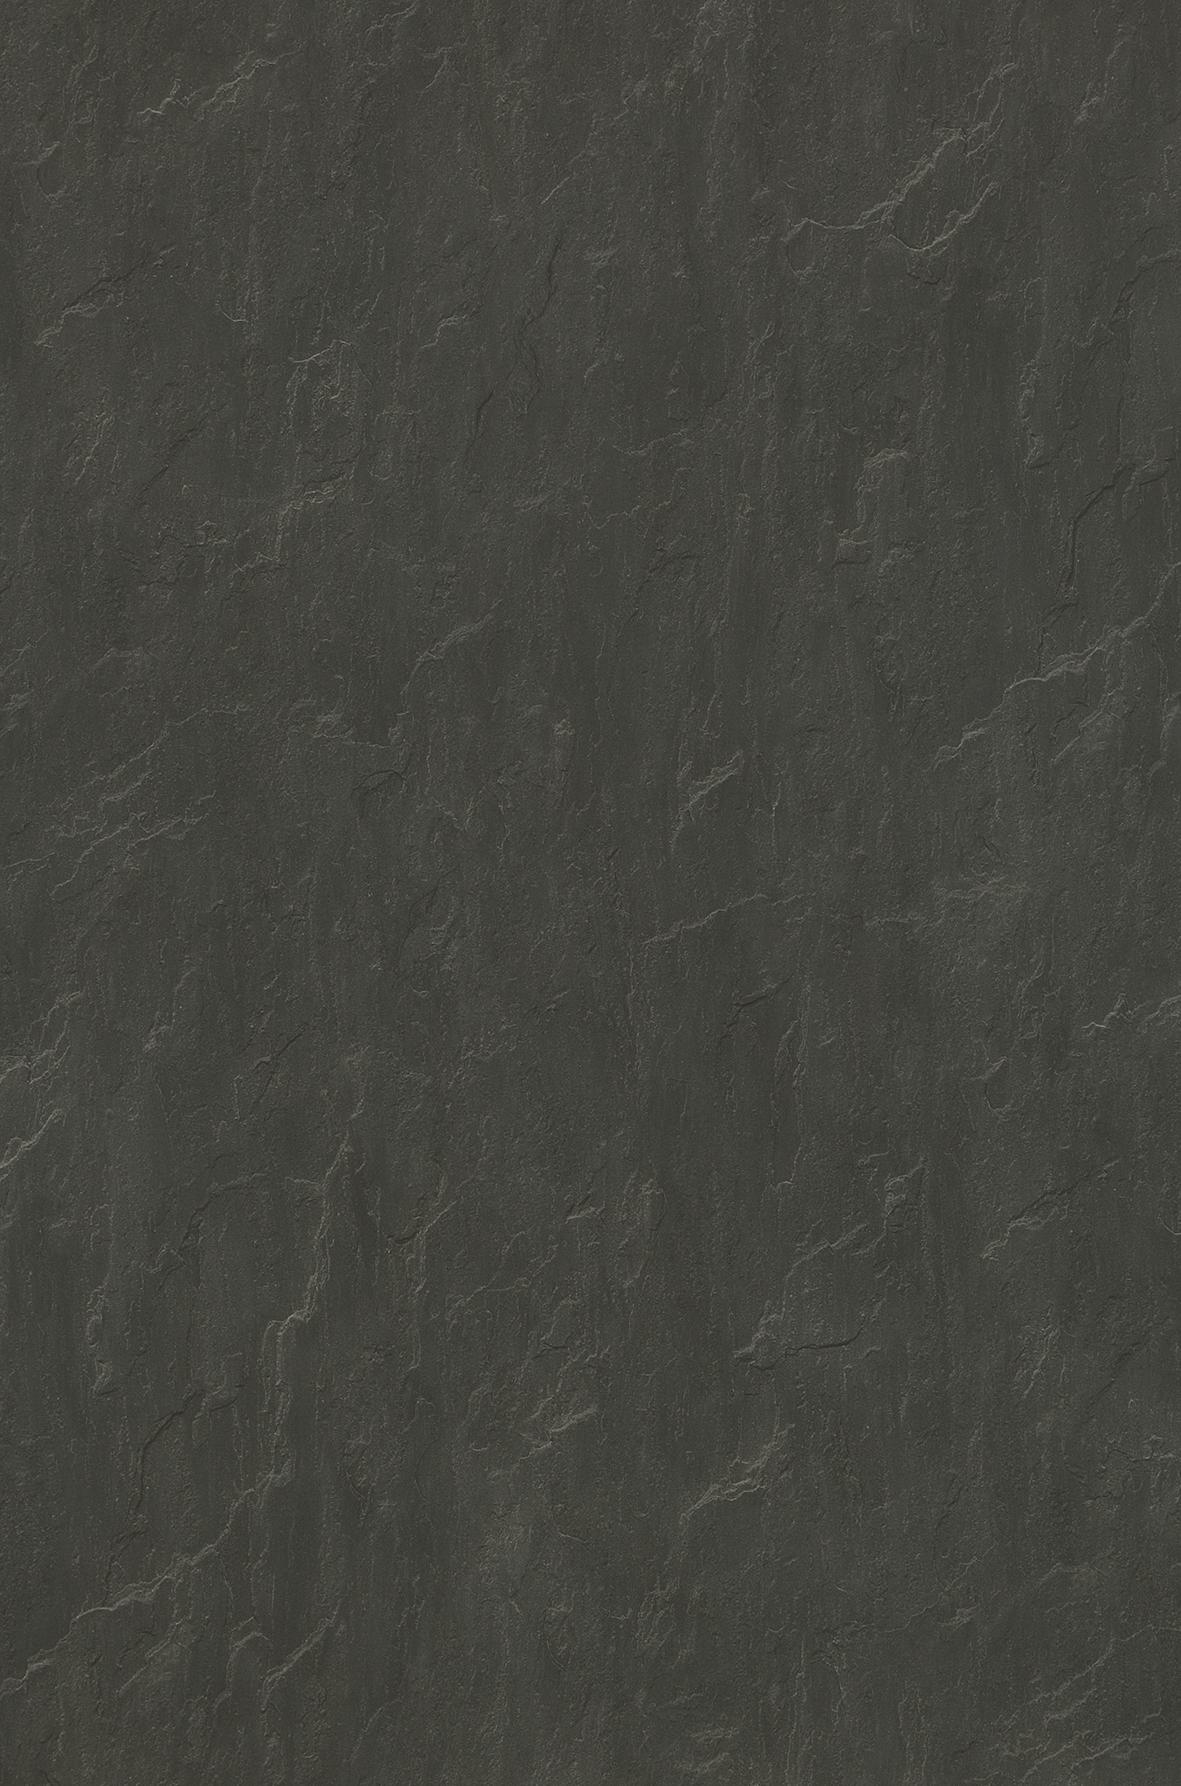 רוק אפור כהה MH65DT08